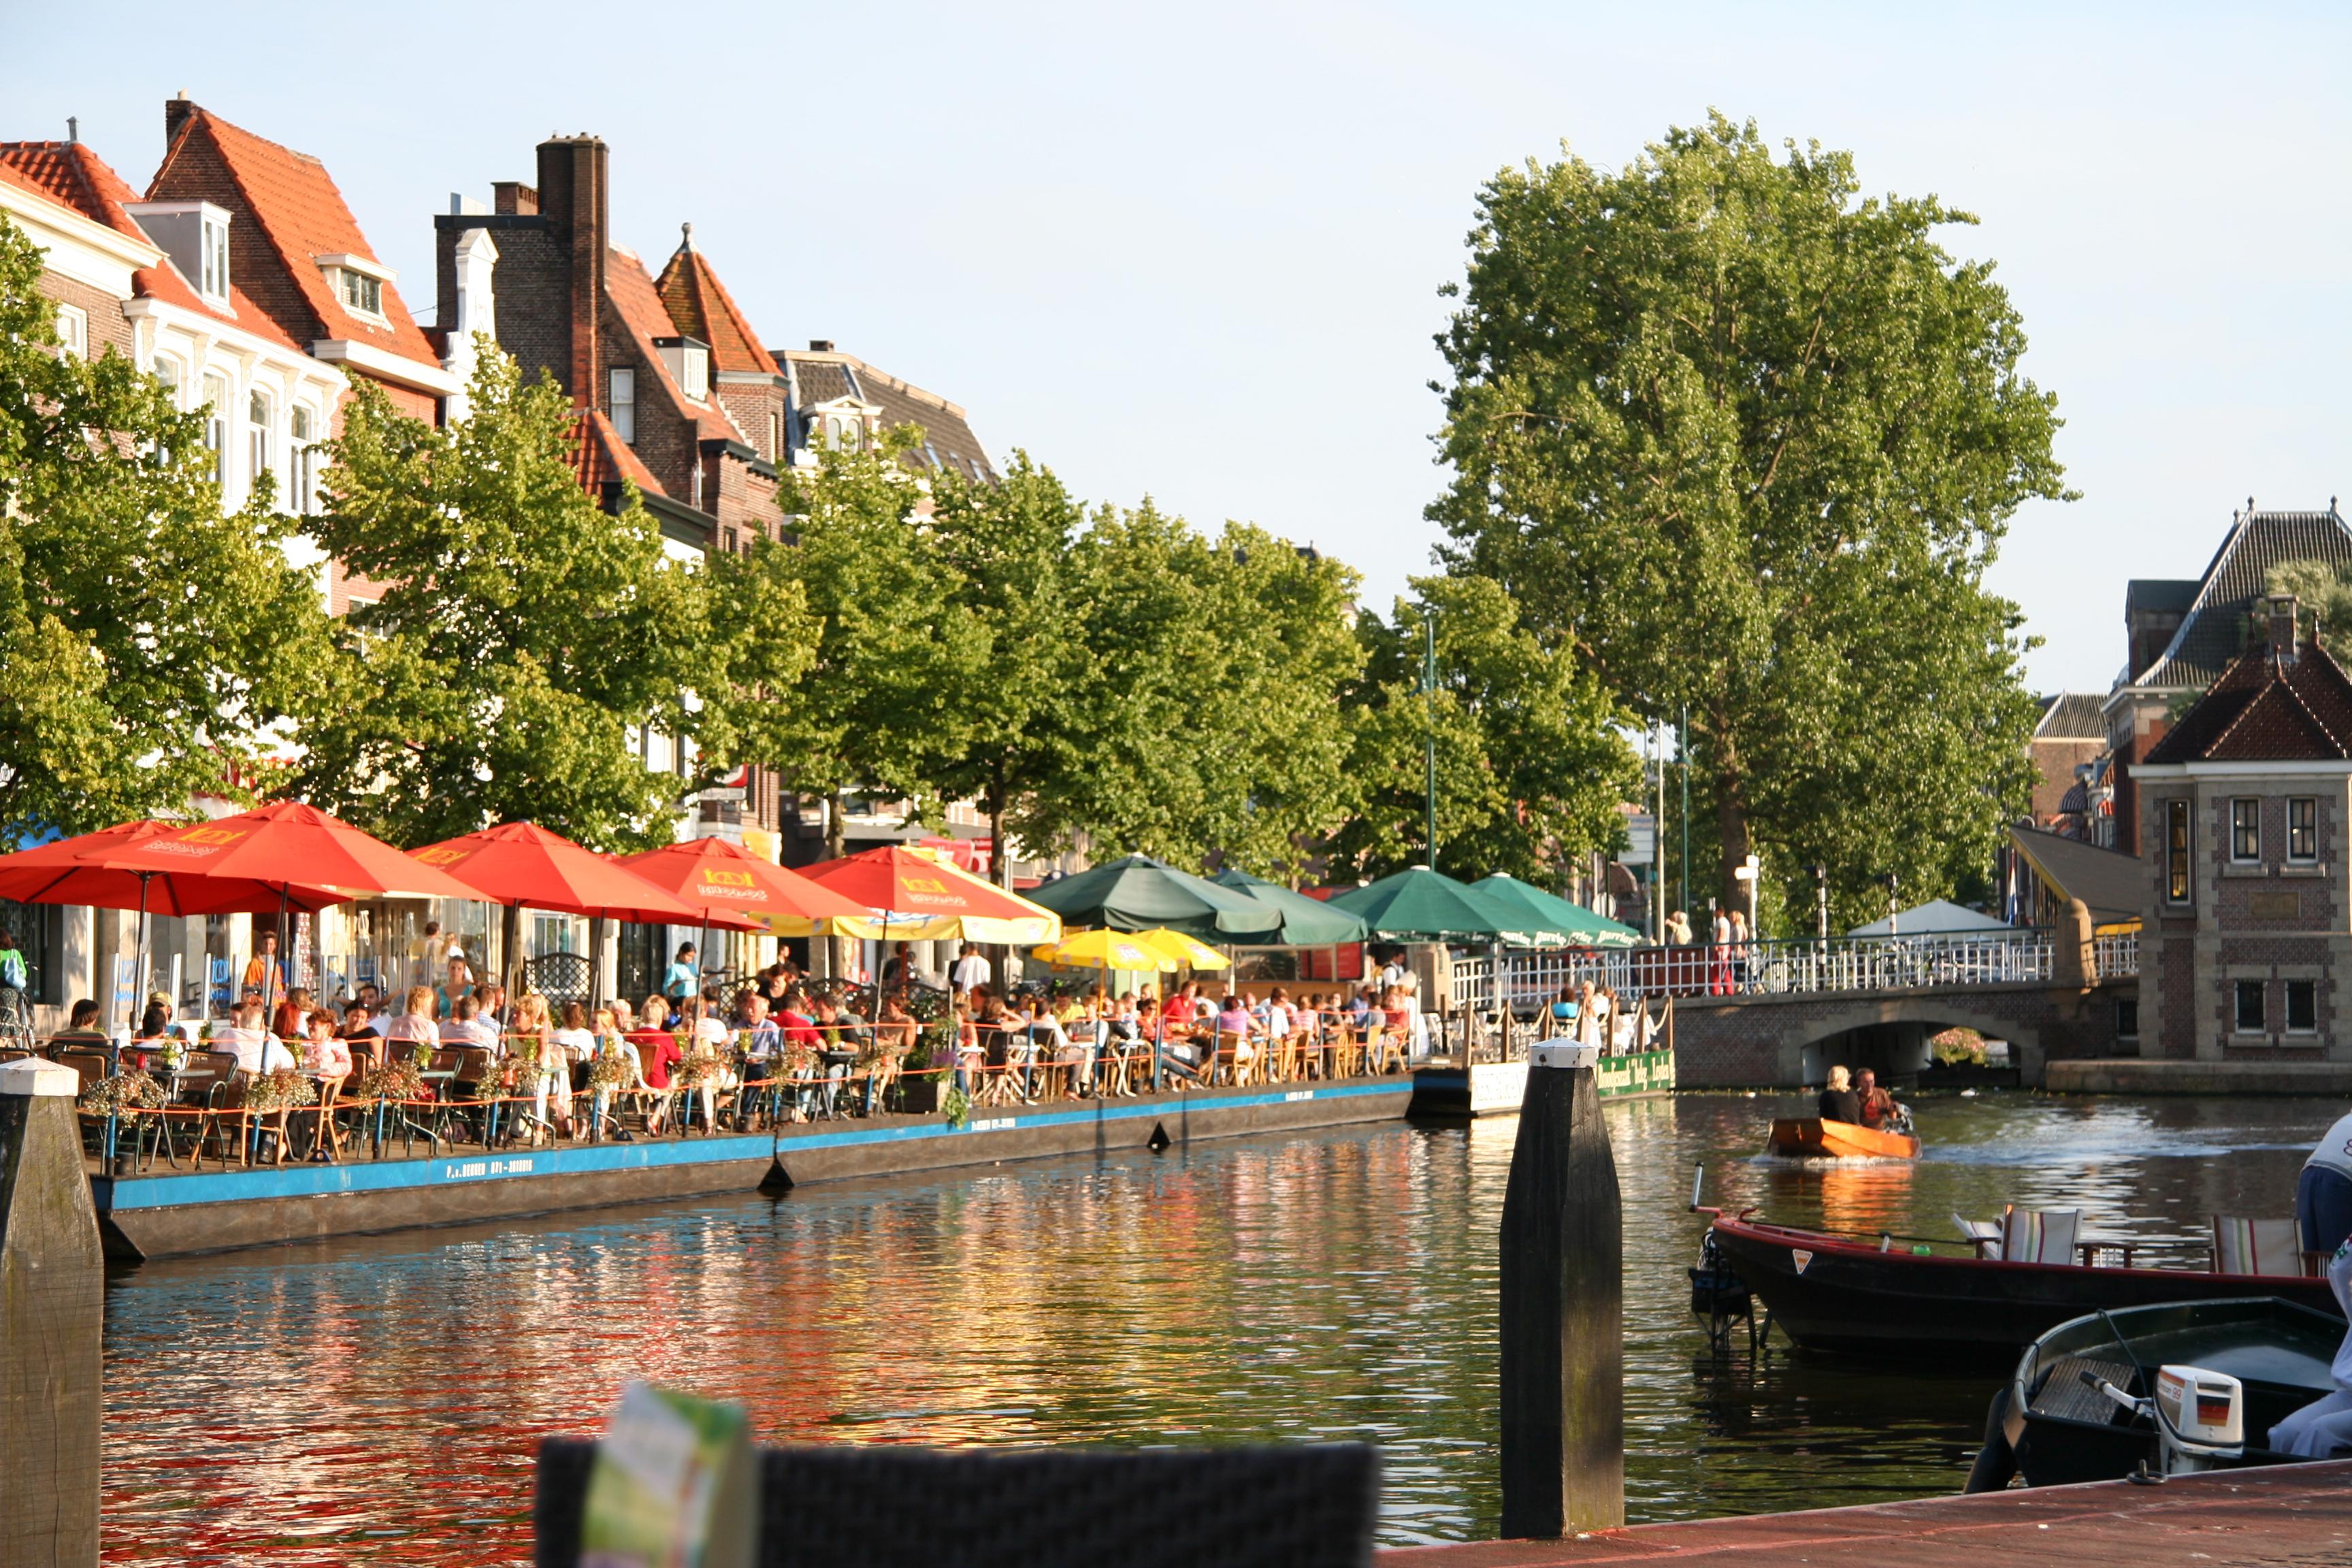 File:Leiden Turfmarkt.jpg - Wikimedia Commons